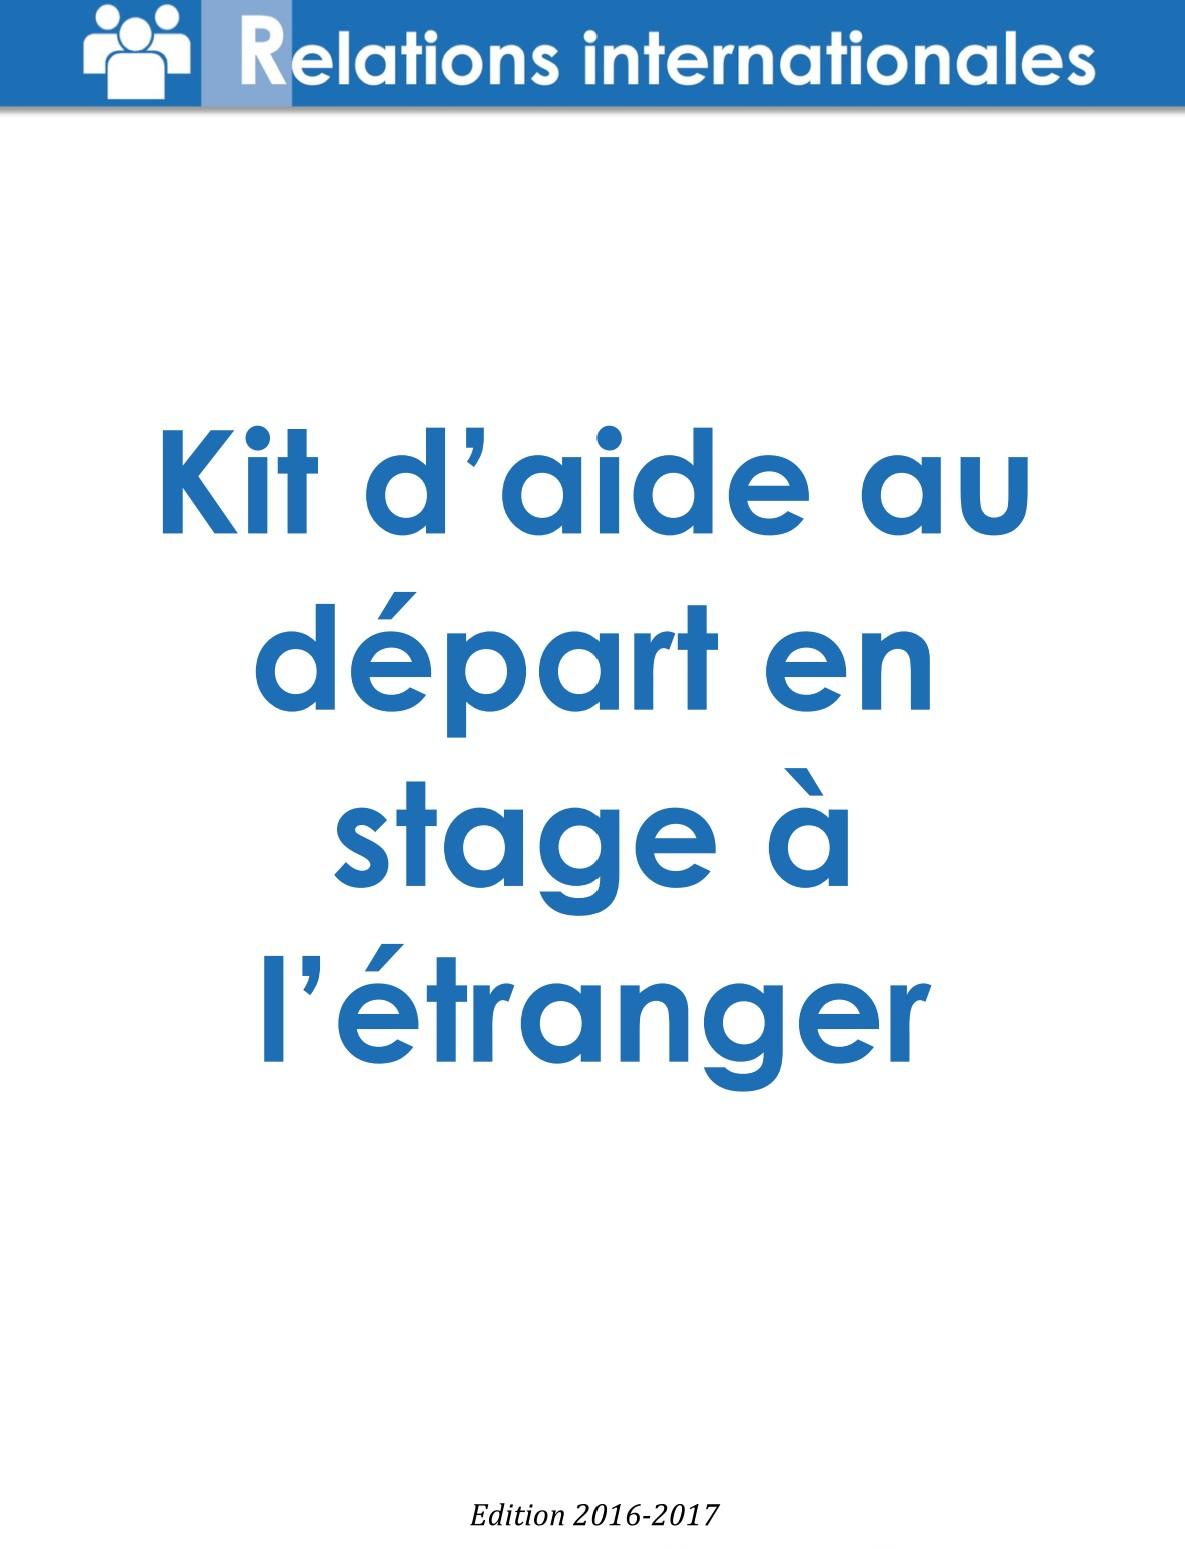 Kit d'aide au départ en stage à l'étranger image